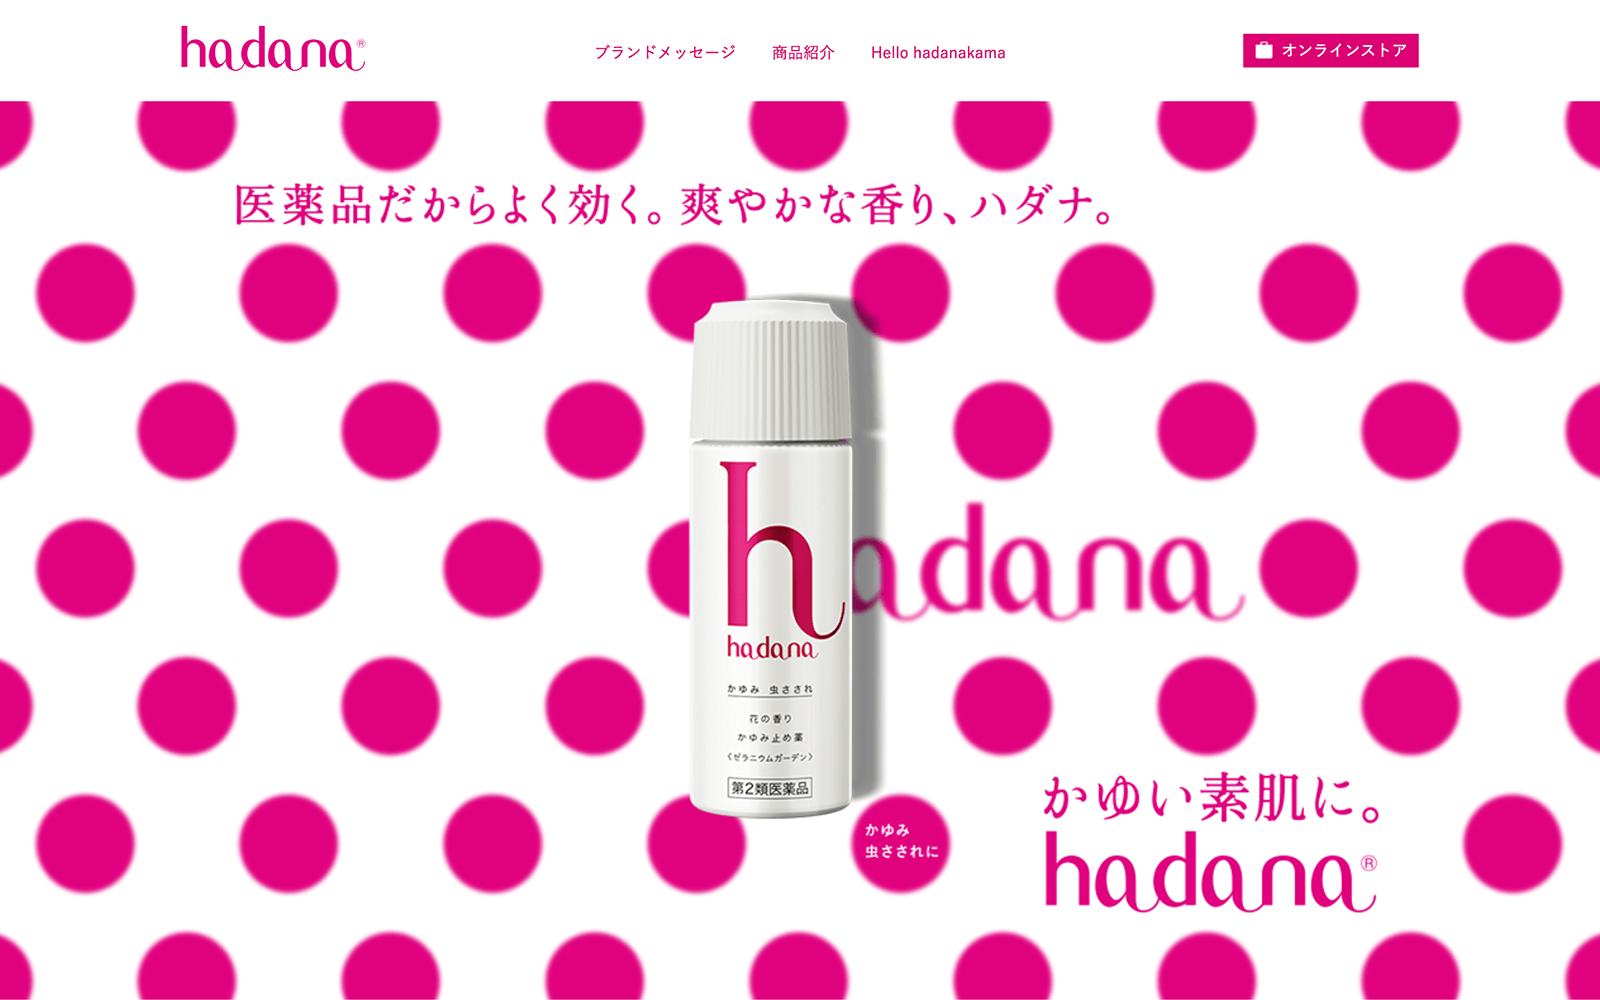 金冠堂「hadana」WEBサイト